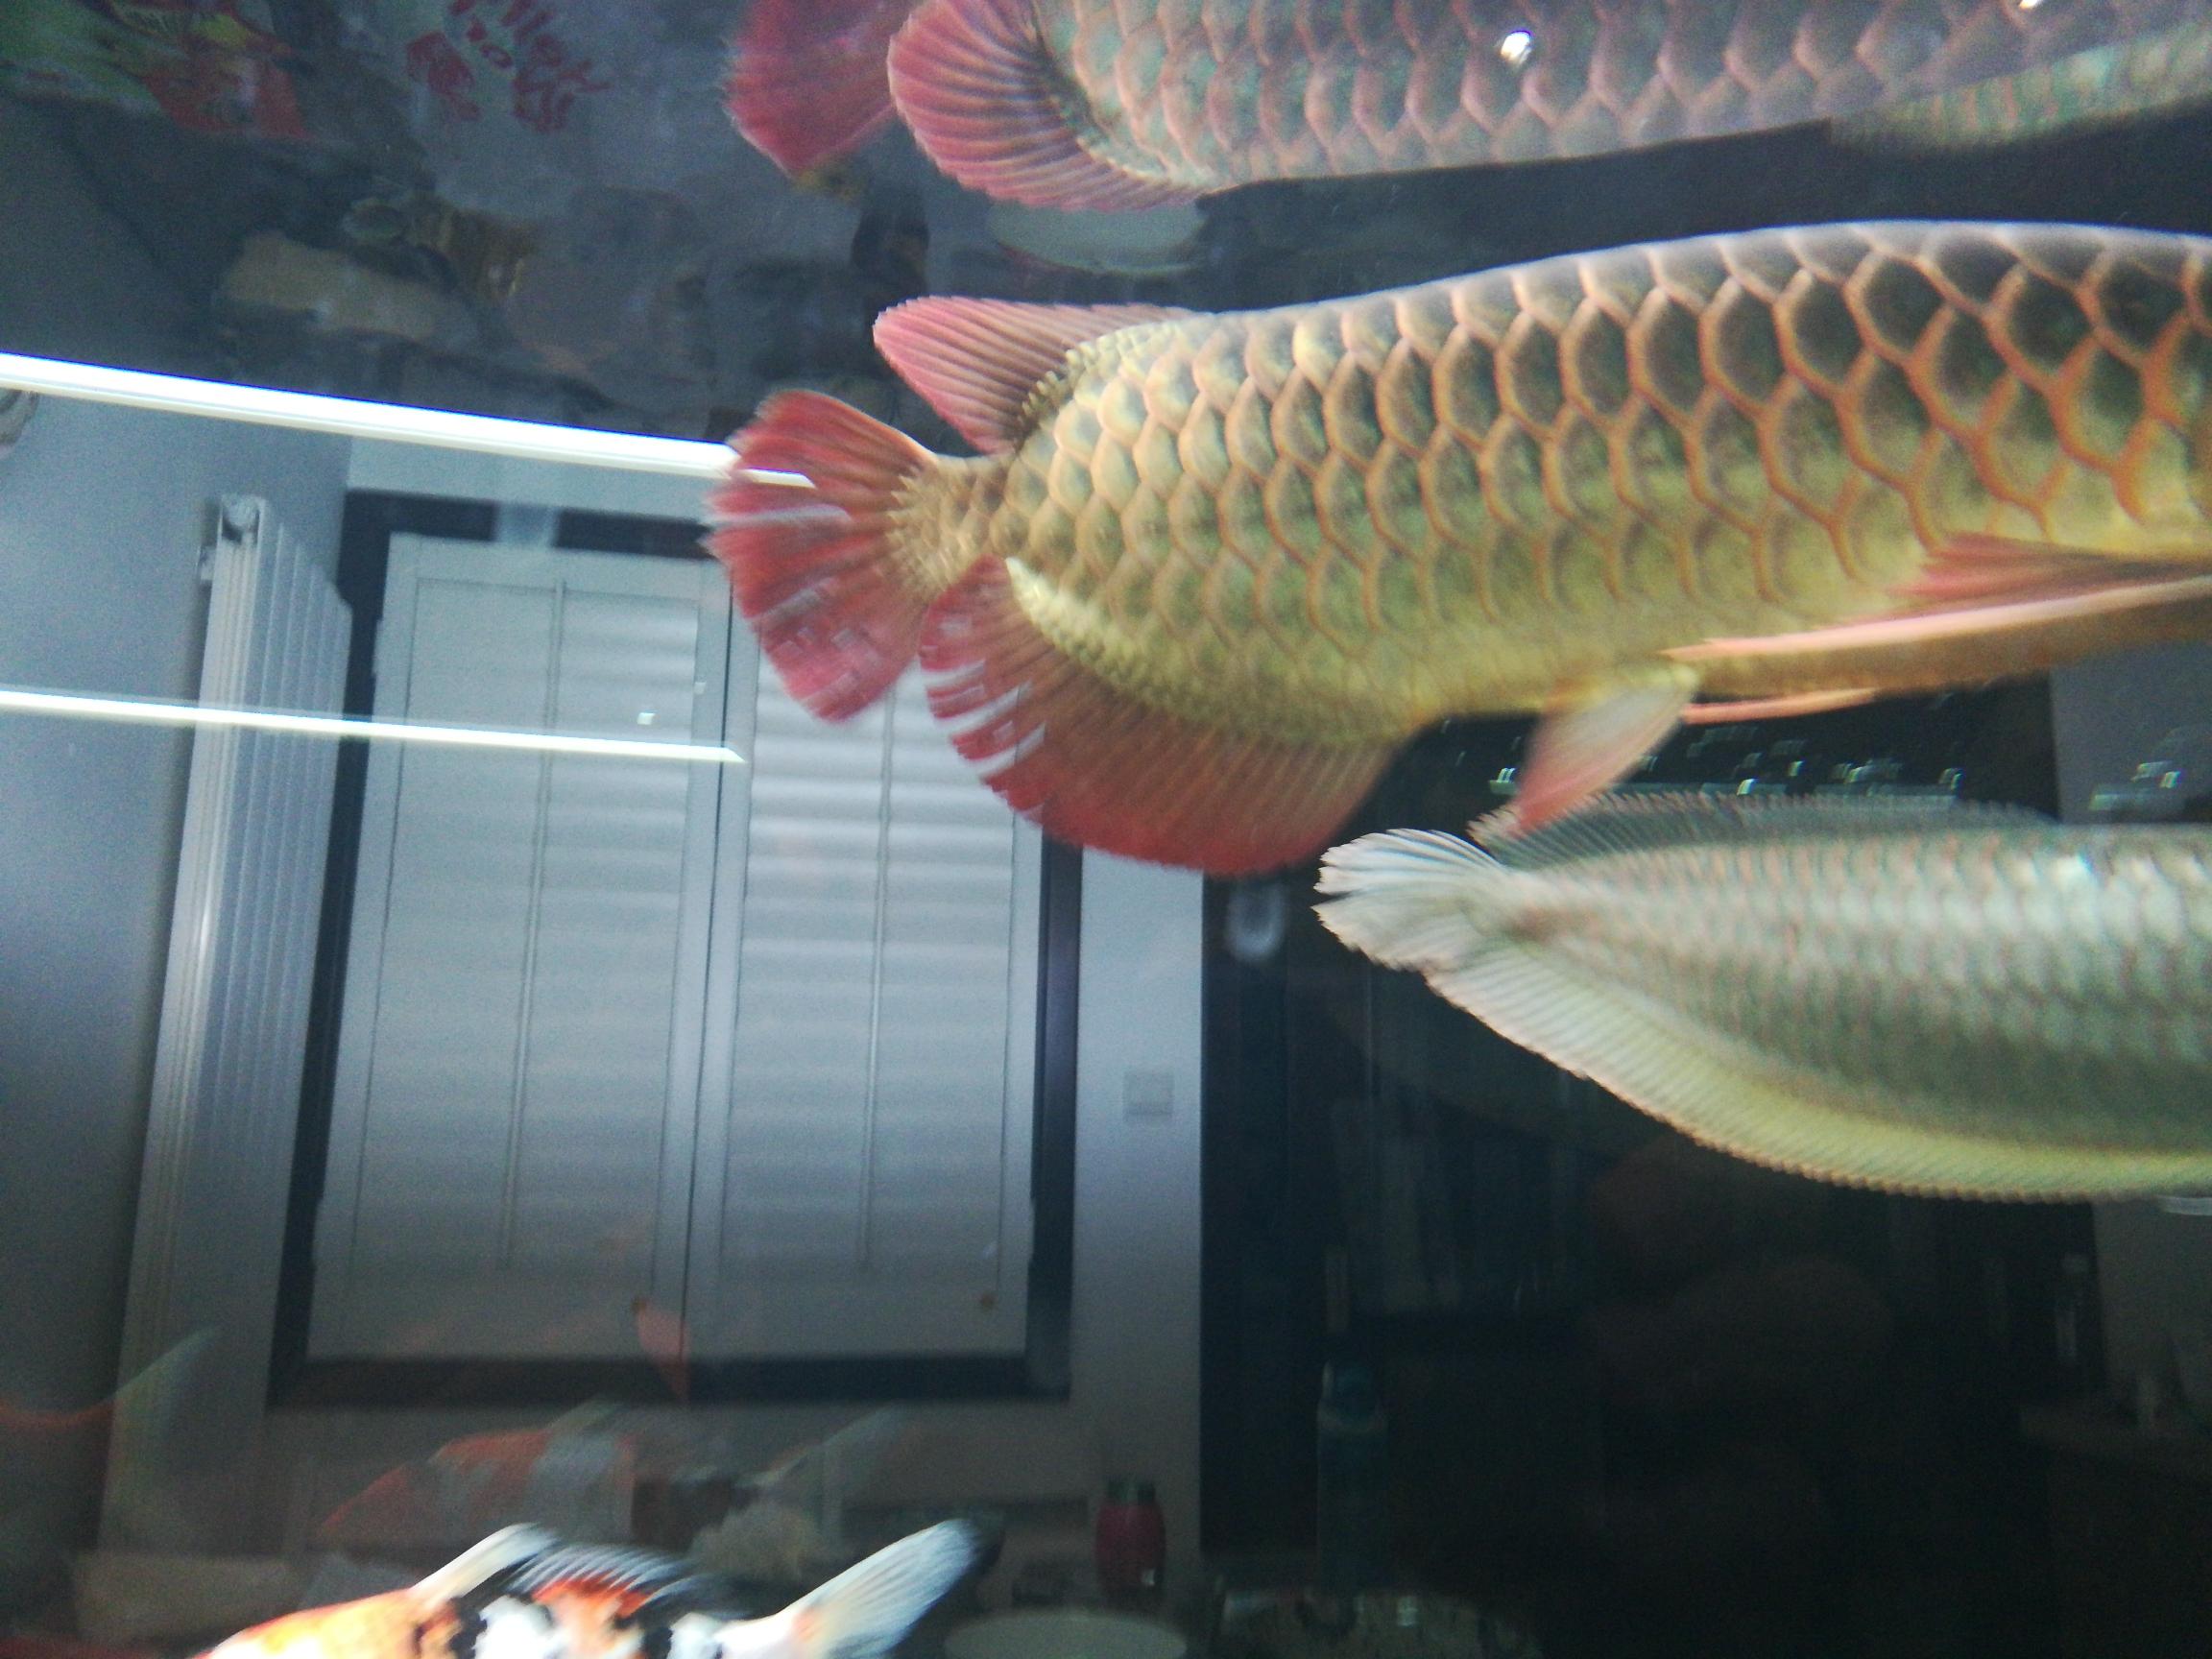 中秋节回来这尾巴受伤更严重了唉缸霸是银龙红龙只有挨打的份 鞍山水族批发市场 鞍山龙鱼第2张